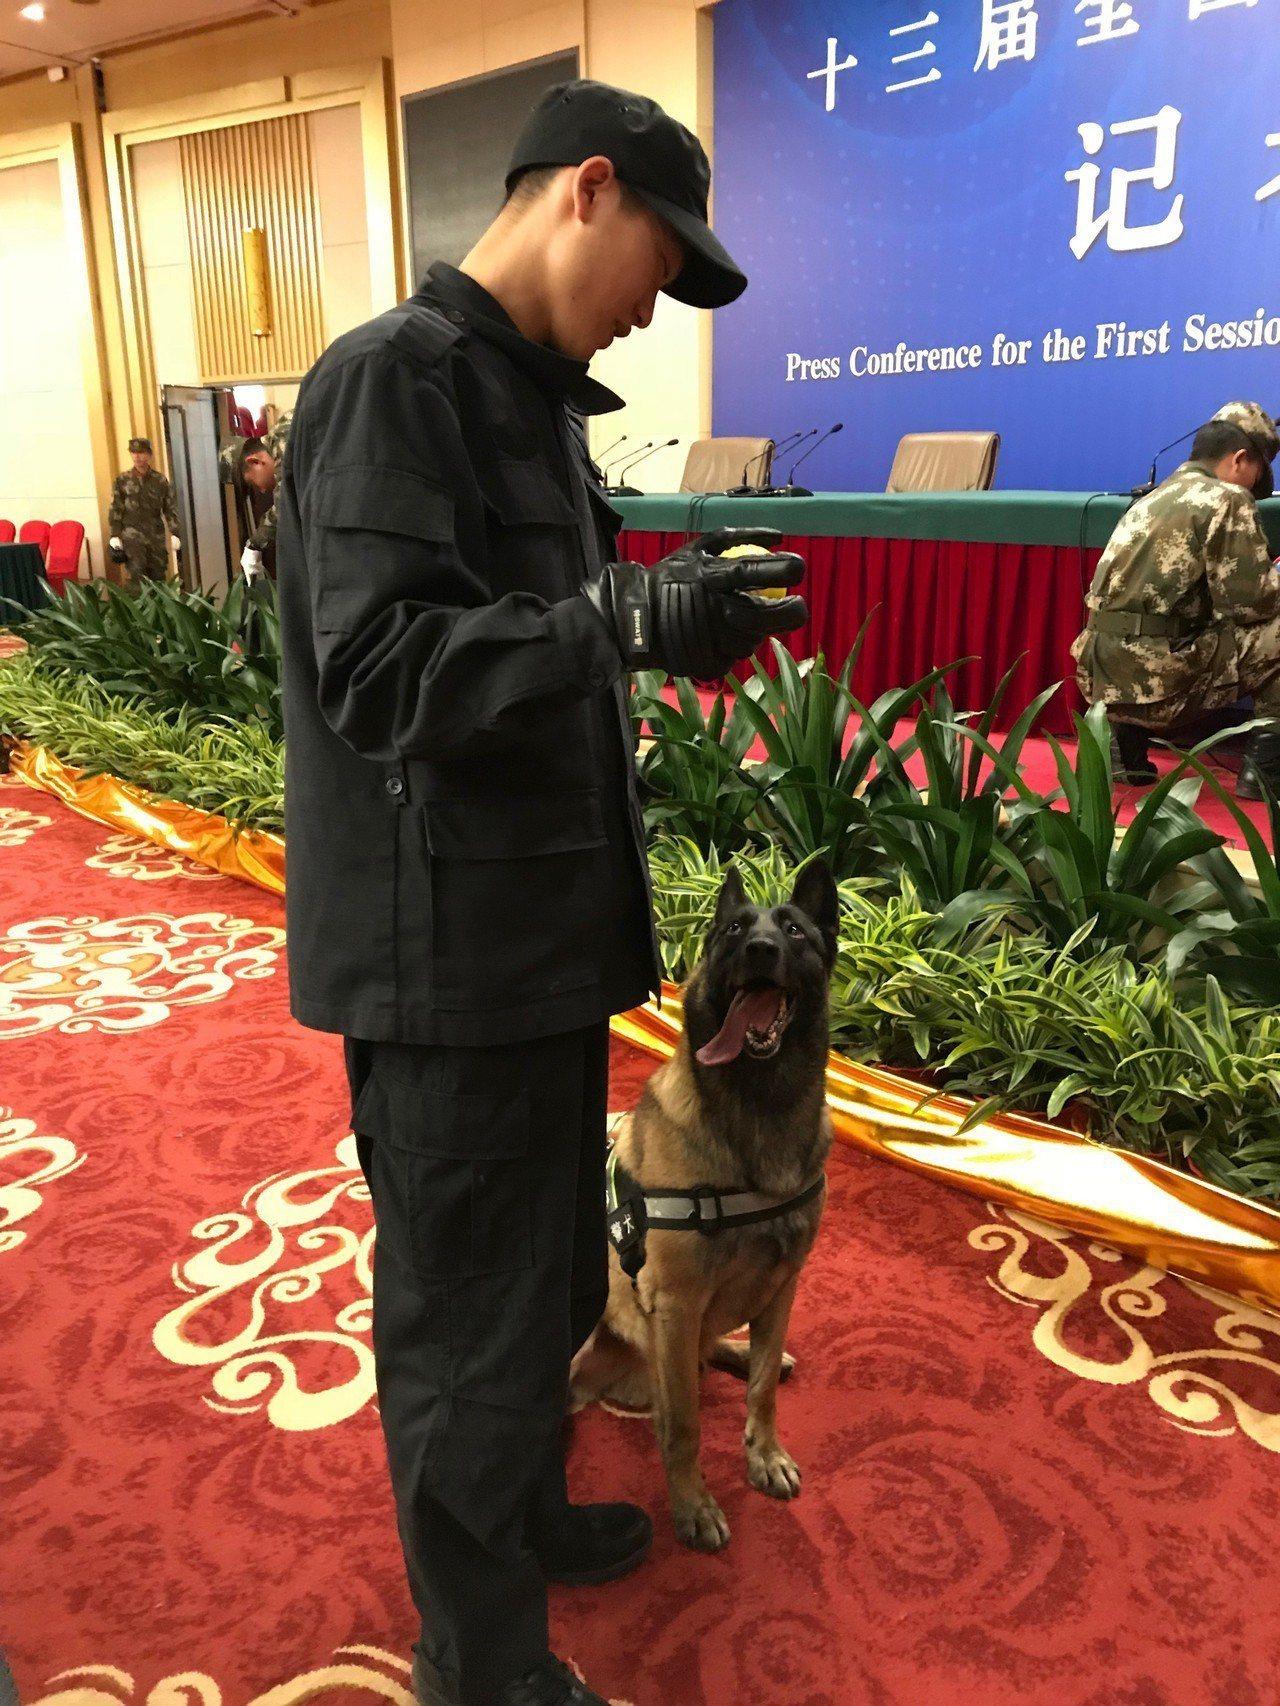 政協會議明開幕 警戒…軍犬聞遍全場 警察晚上會查房 中央社